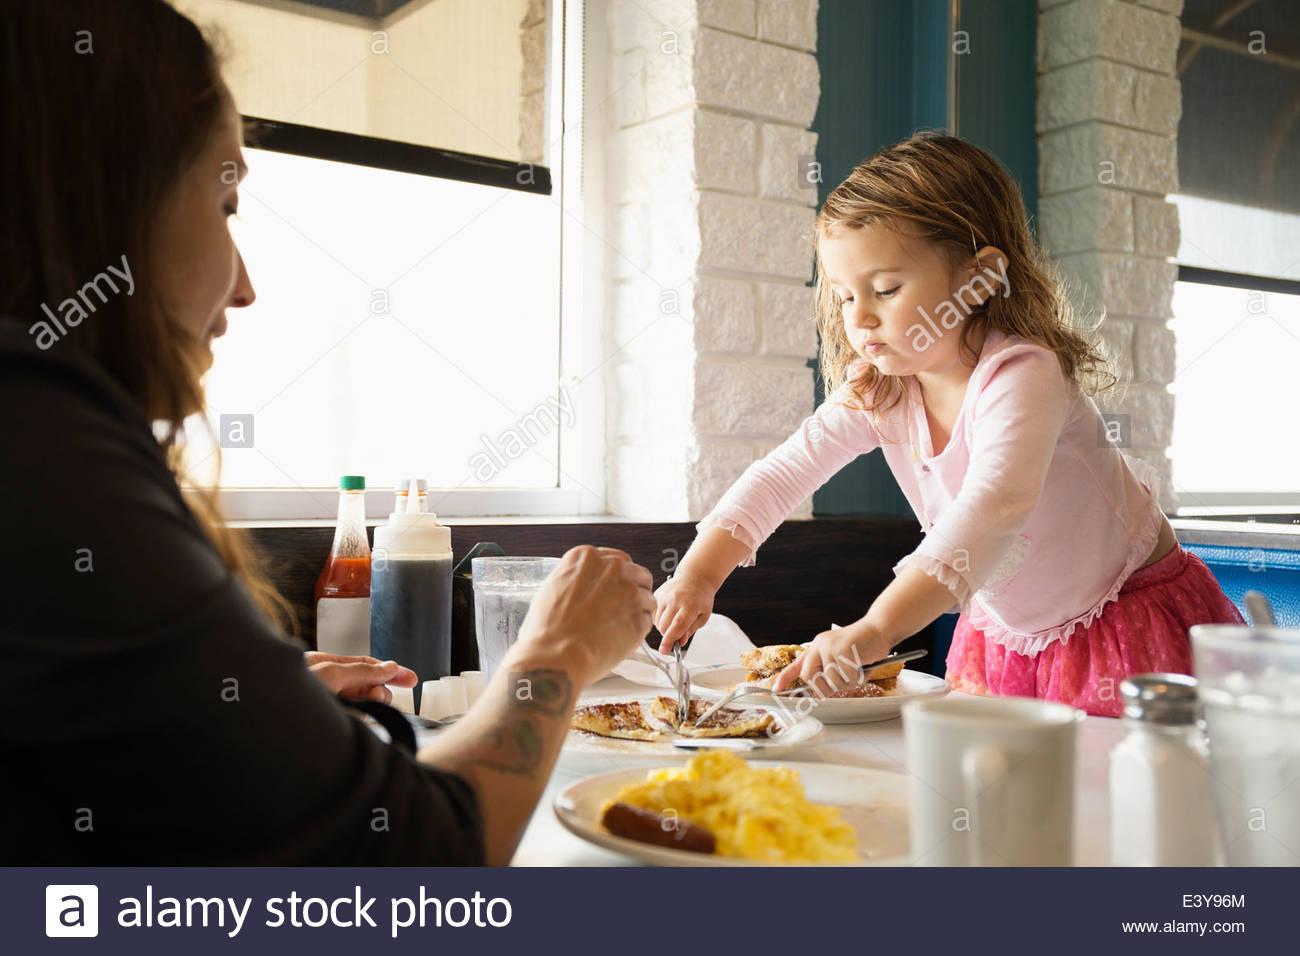 Mãe e criança filha comer em diner Imagens de Stock